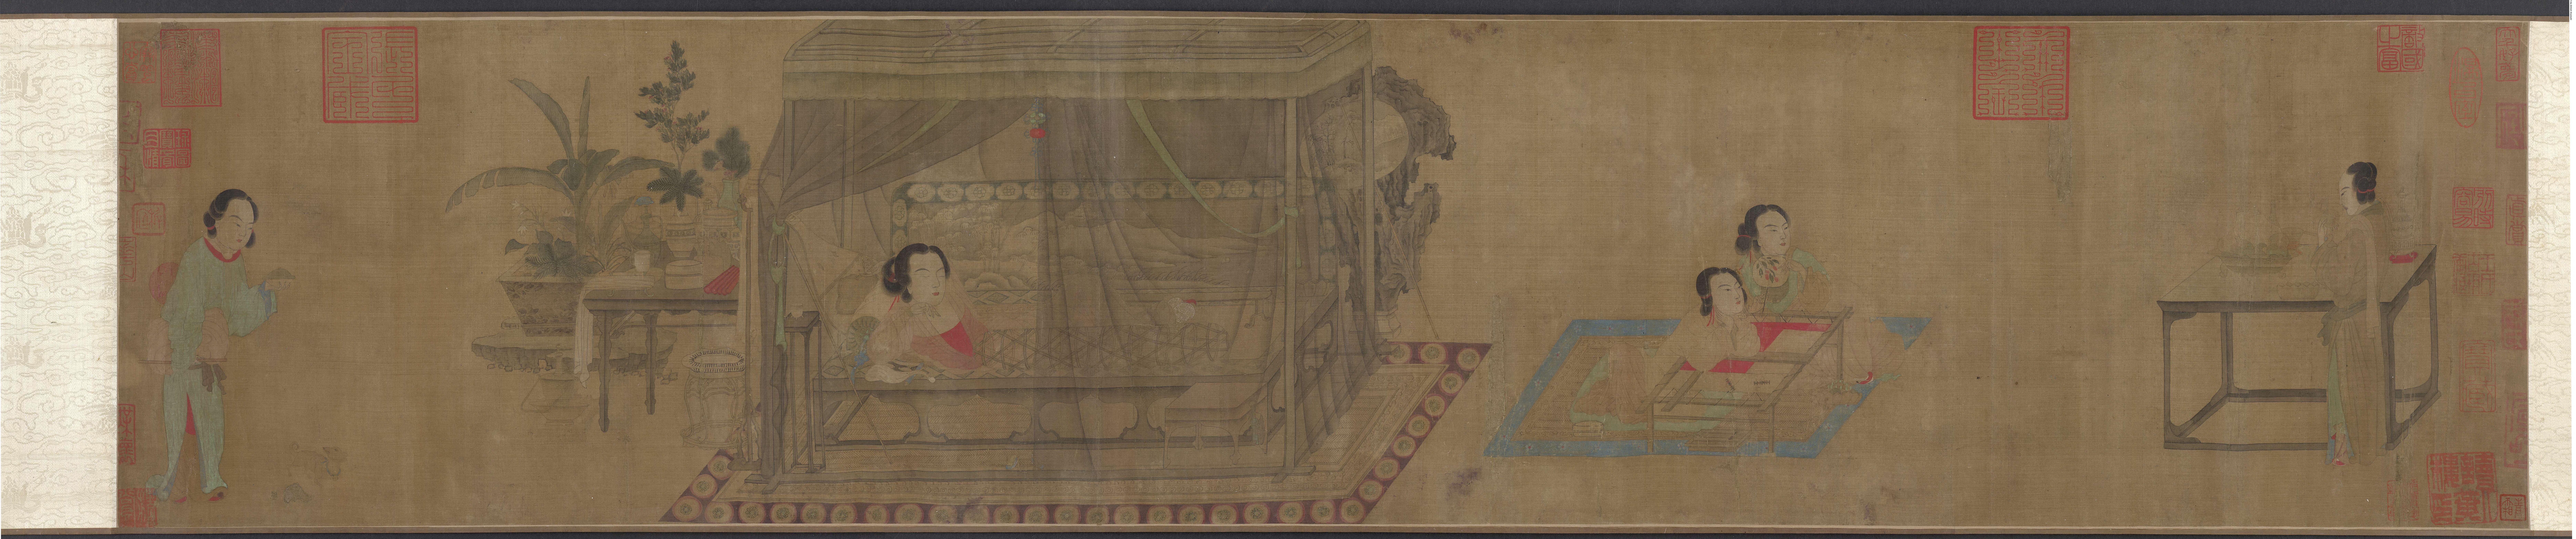 倦绣图(传) 五代 周文矩 大英博物馆